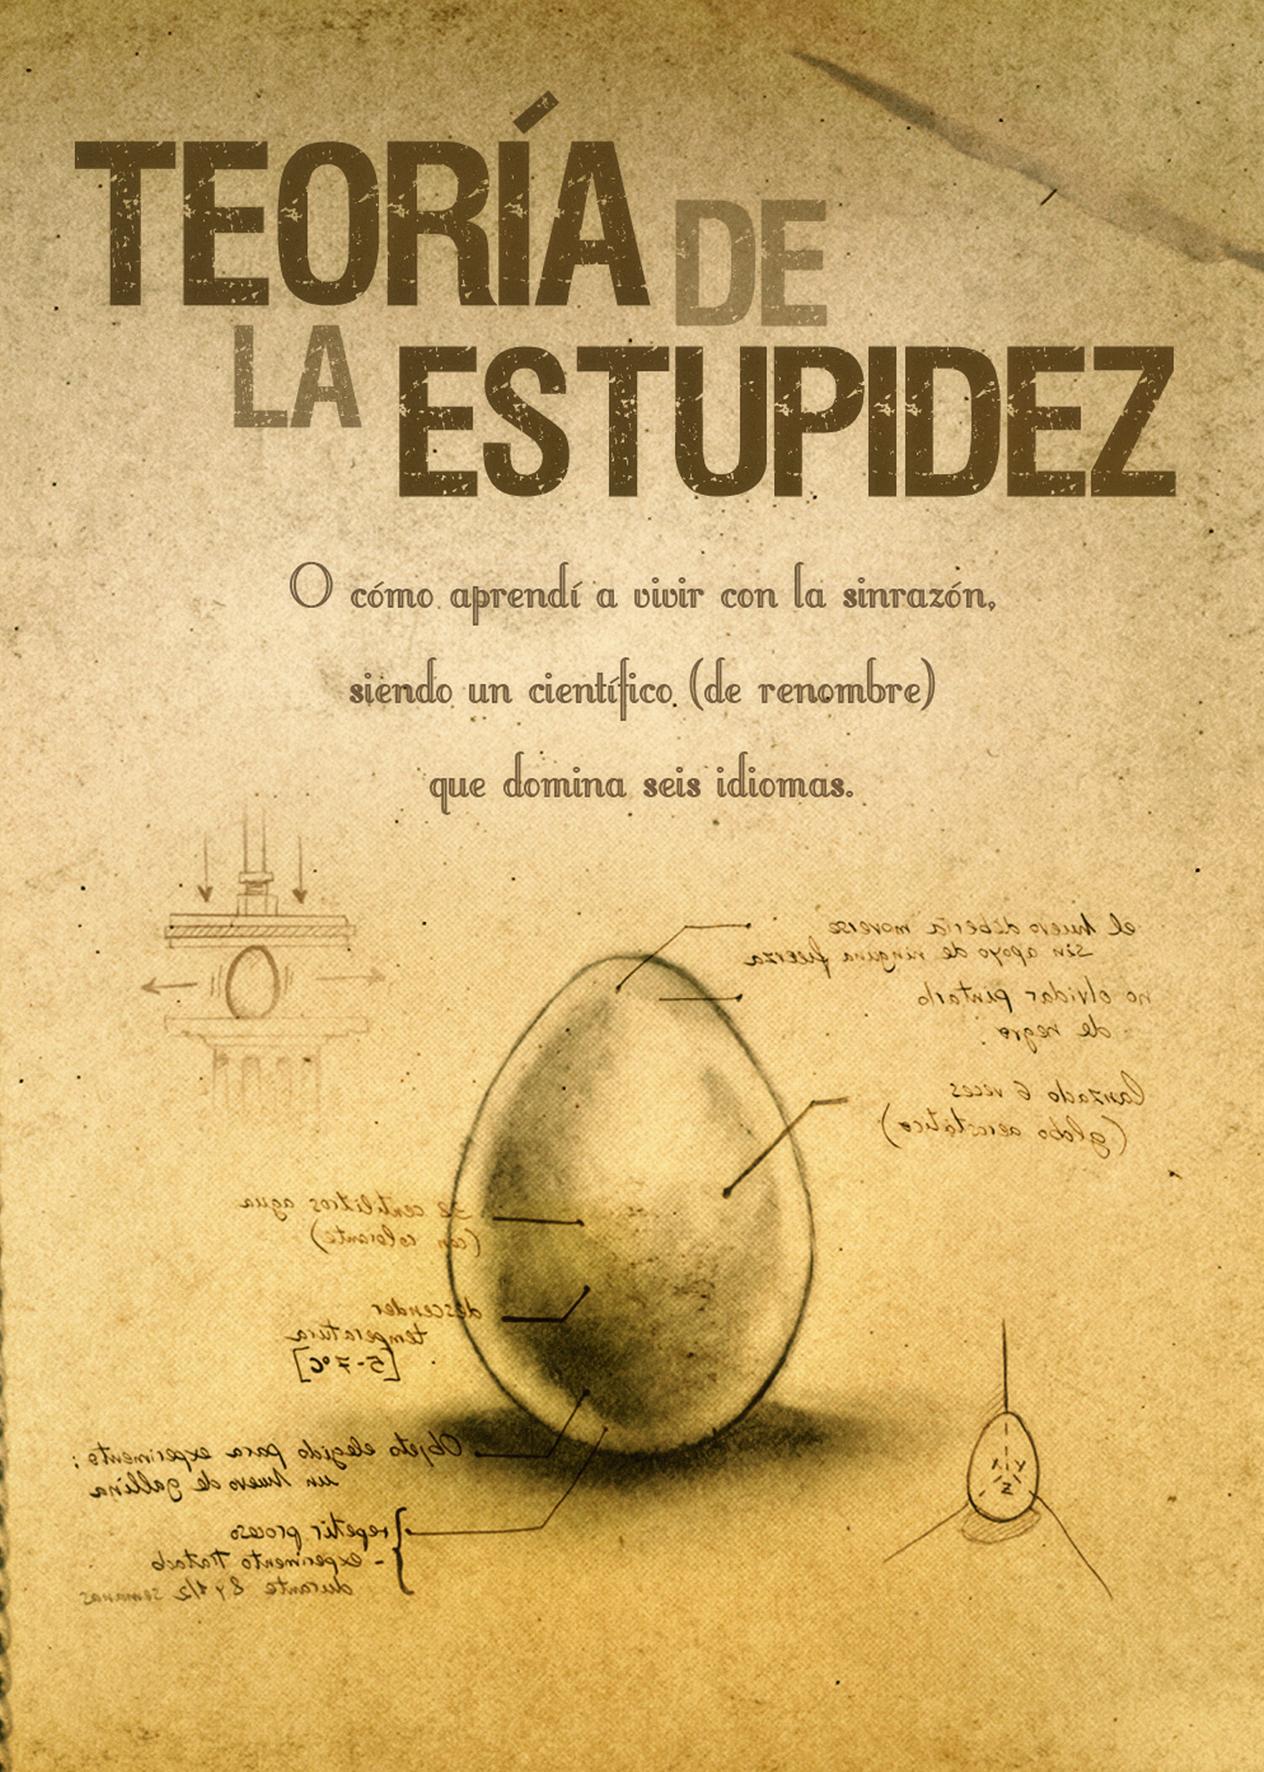 Carátula Teoría de la estupidez